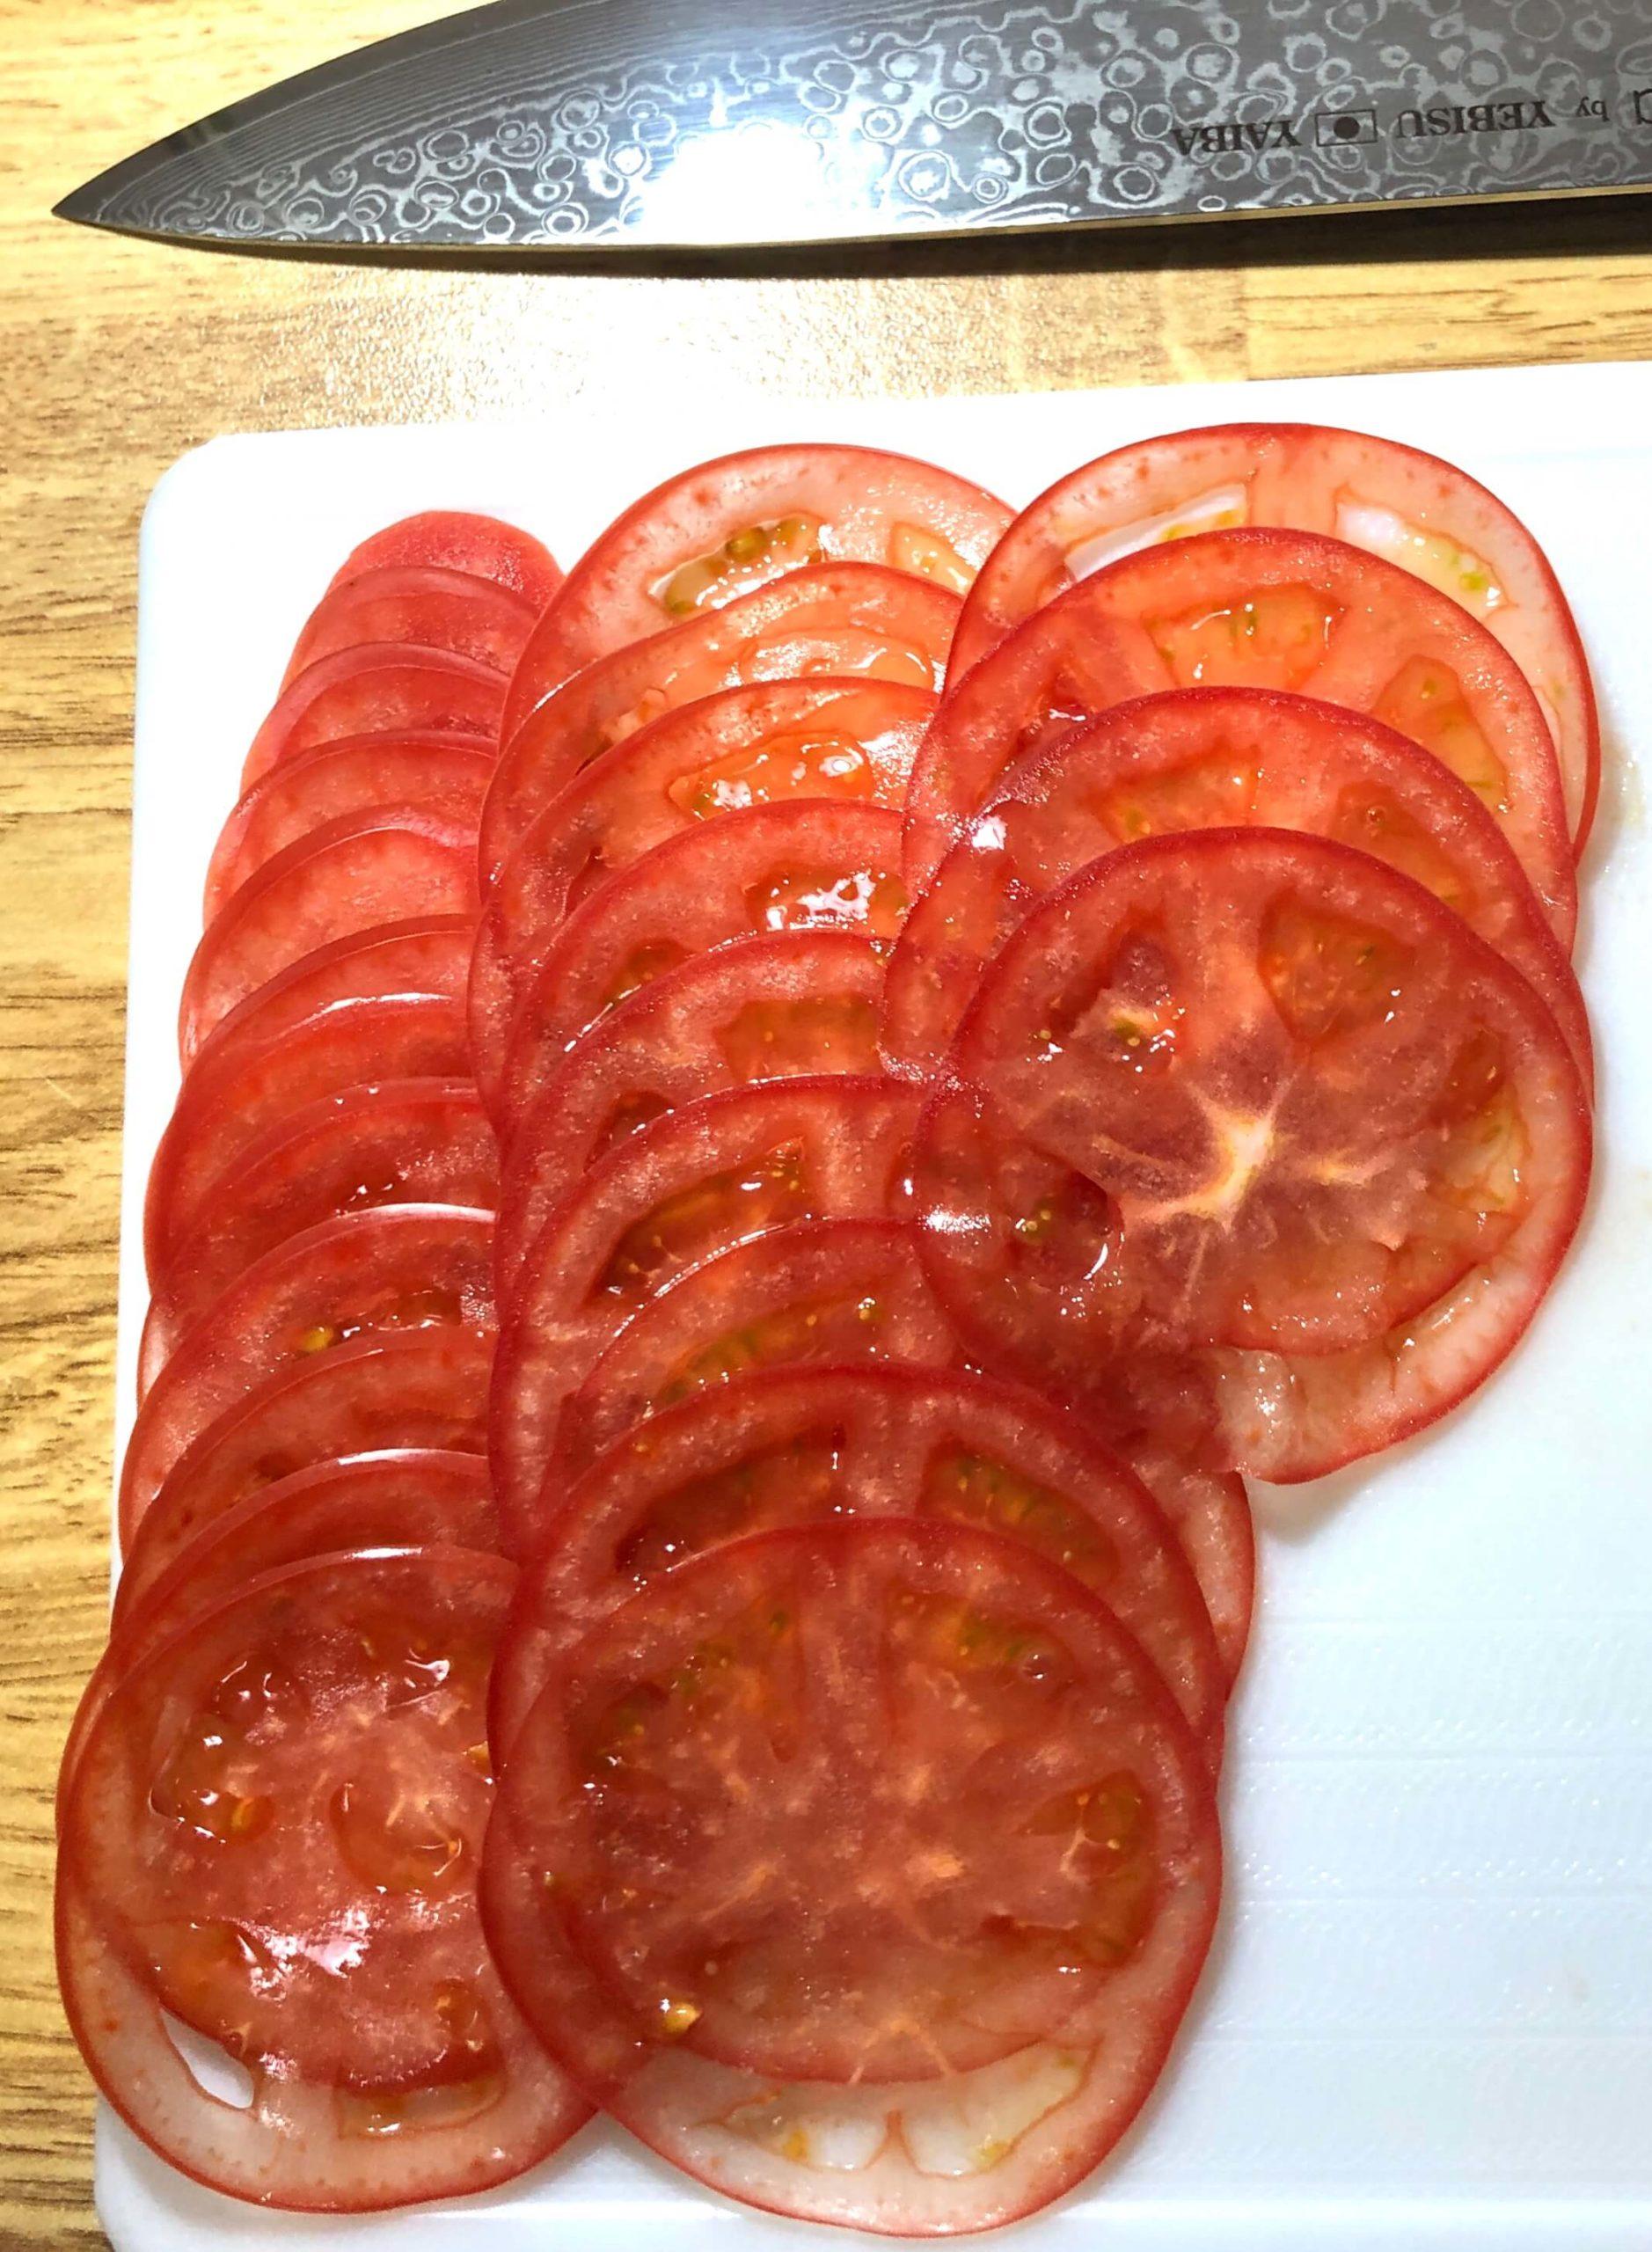 恵比寿刃hana牛刀包丁でトマトを薄切り!